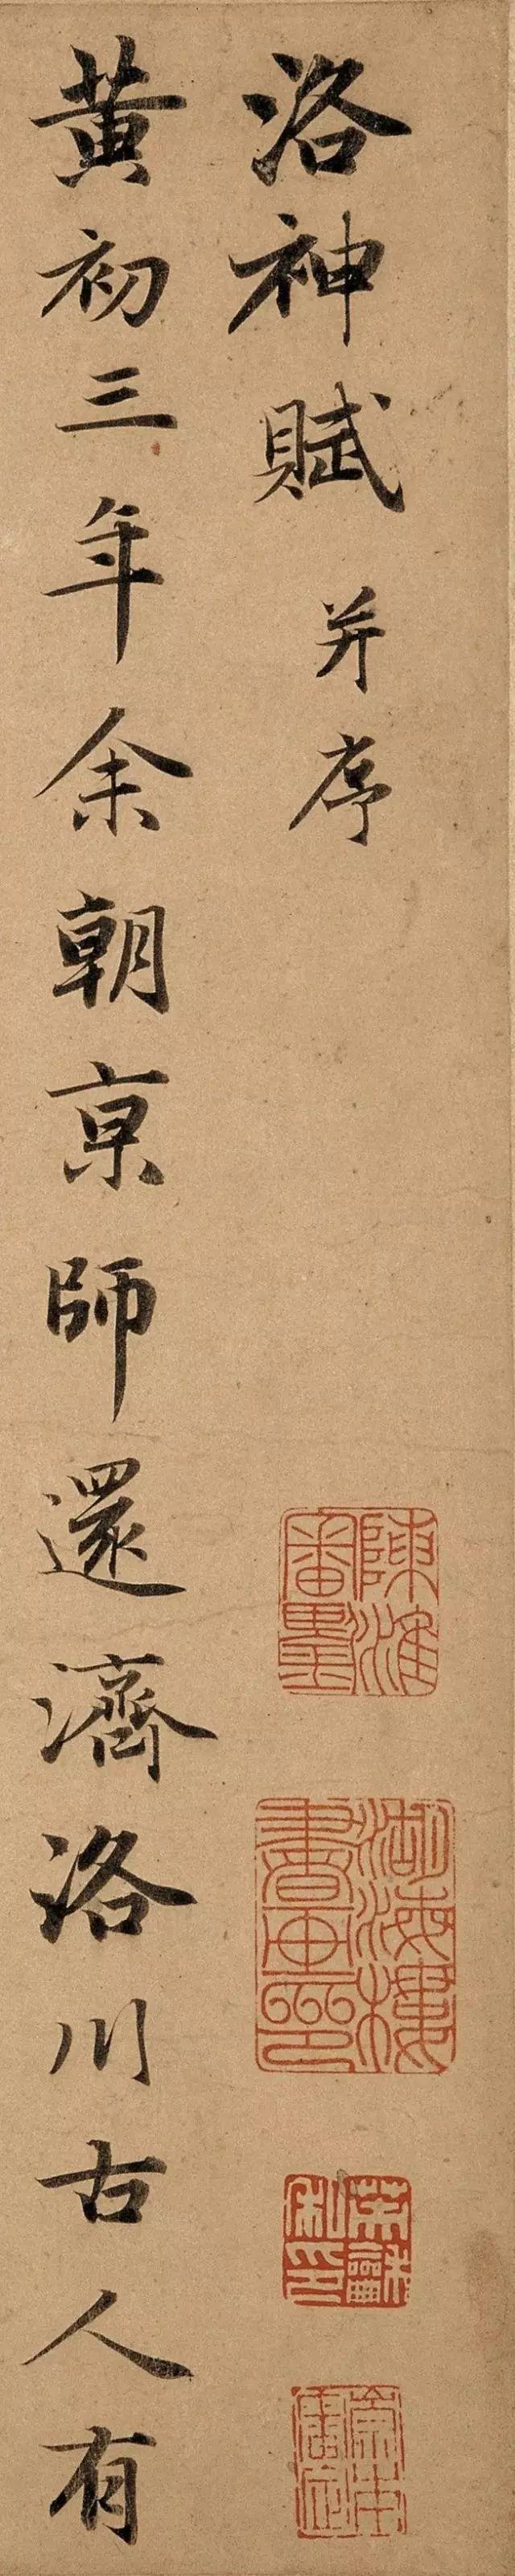 字字珠玑《洛神赋》